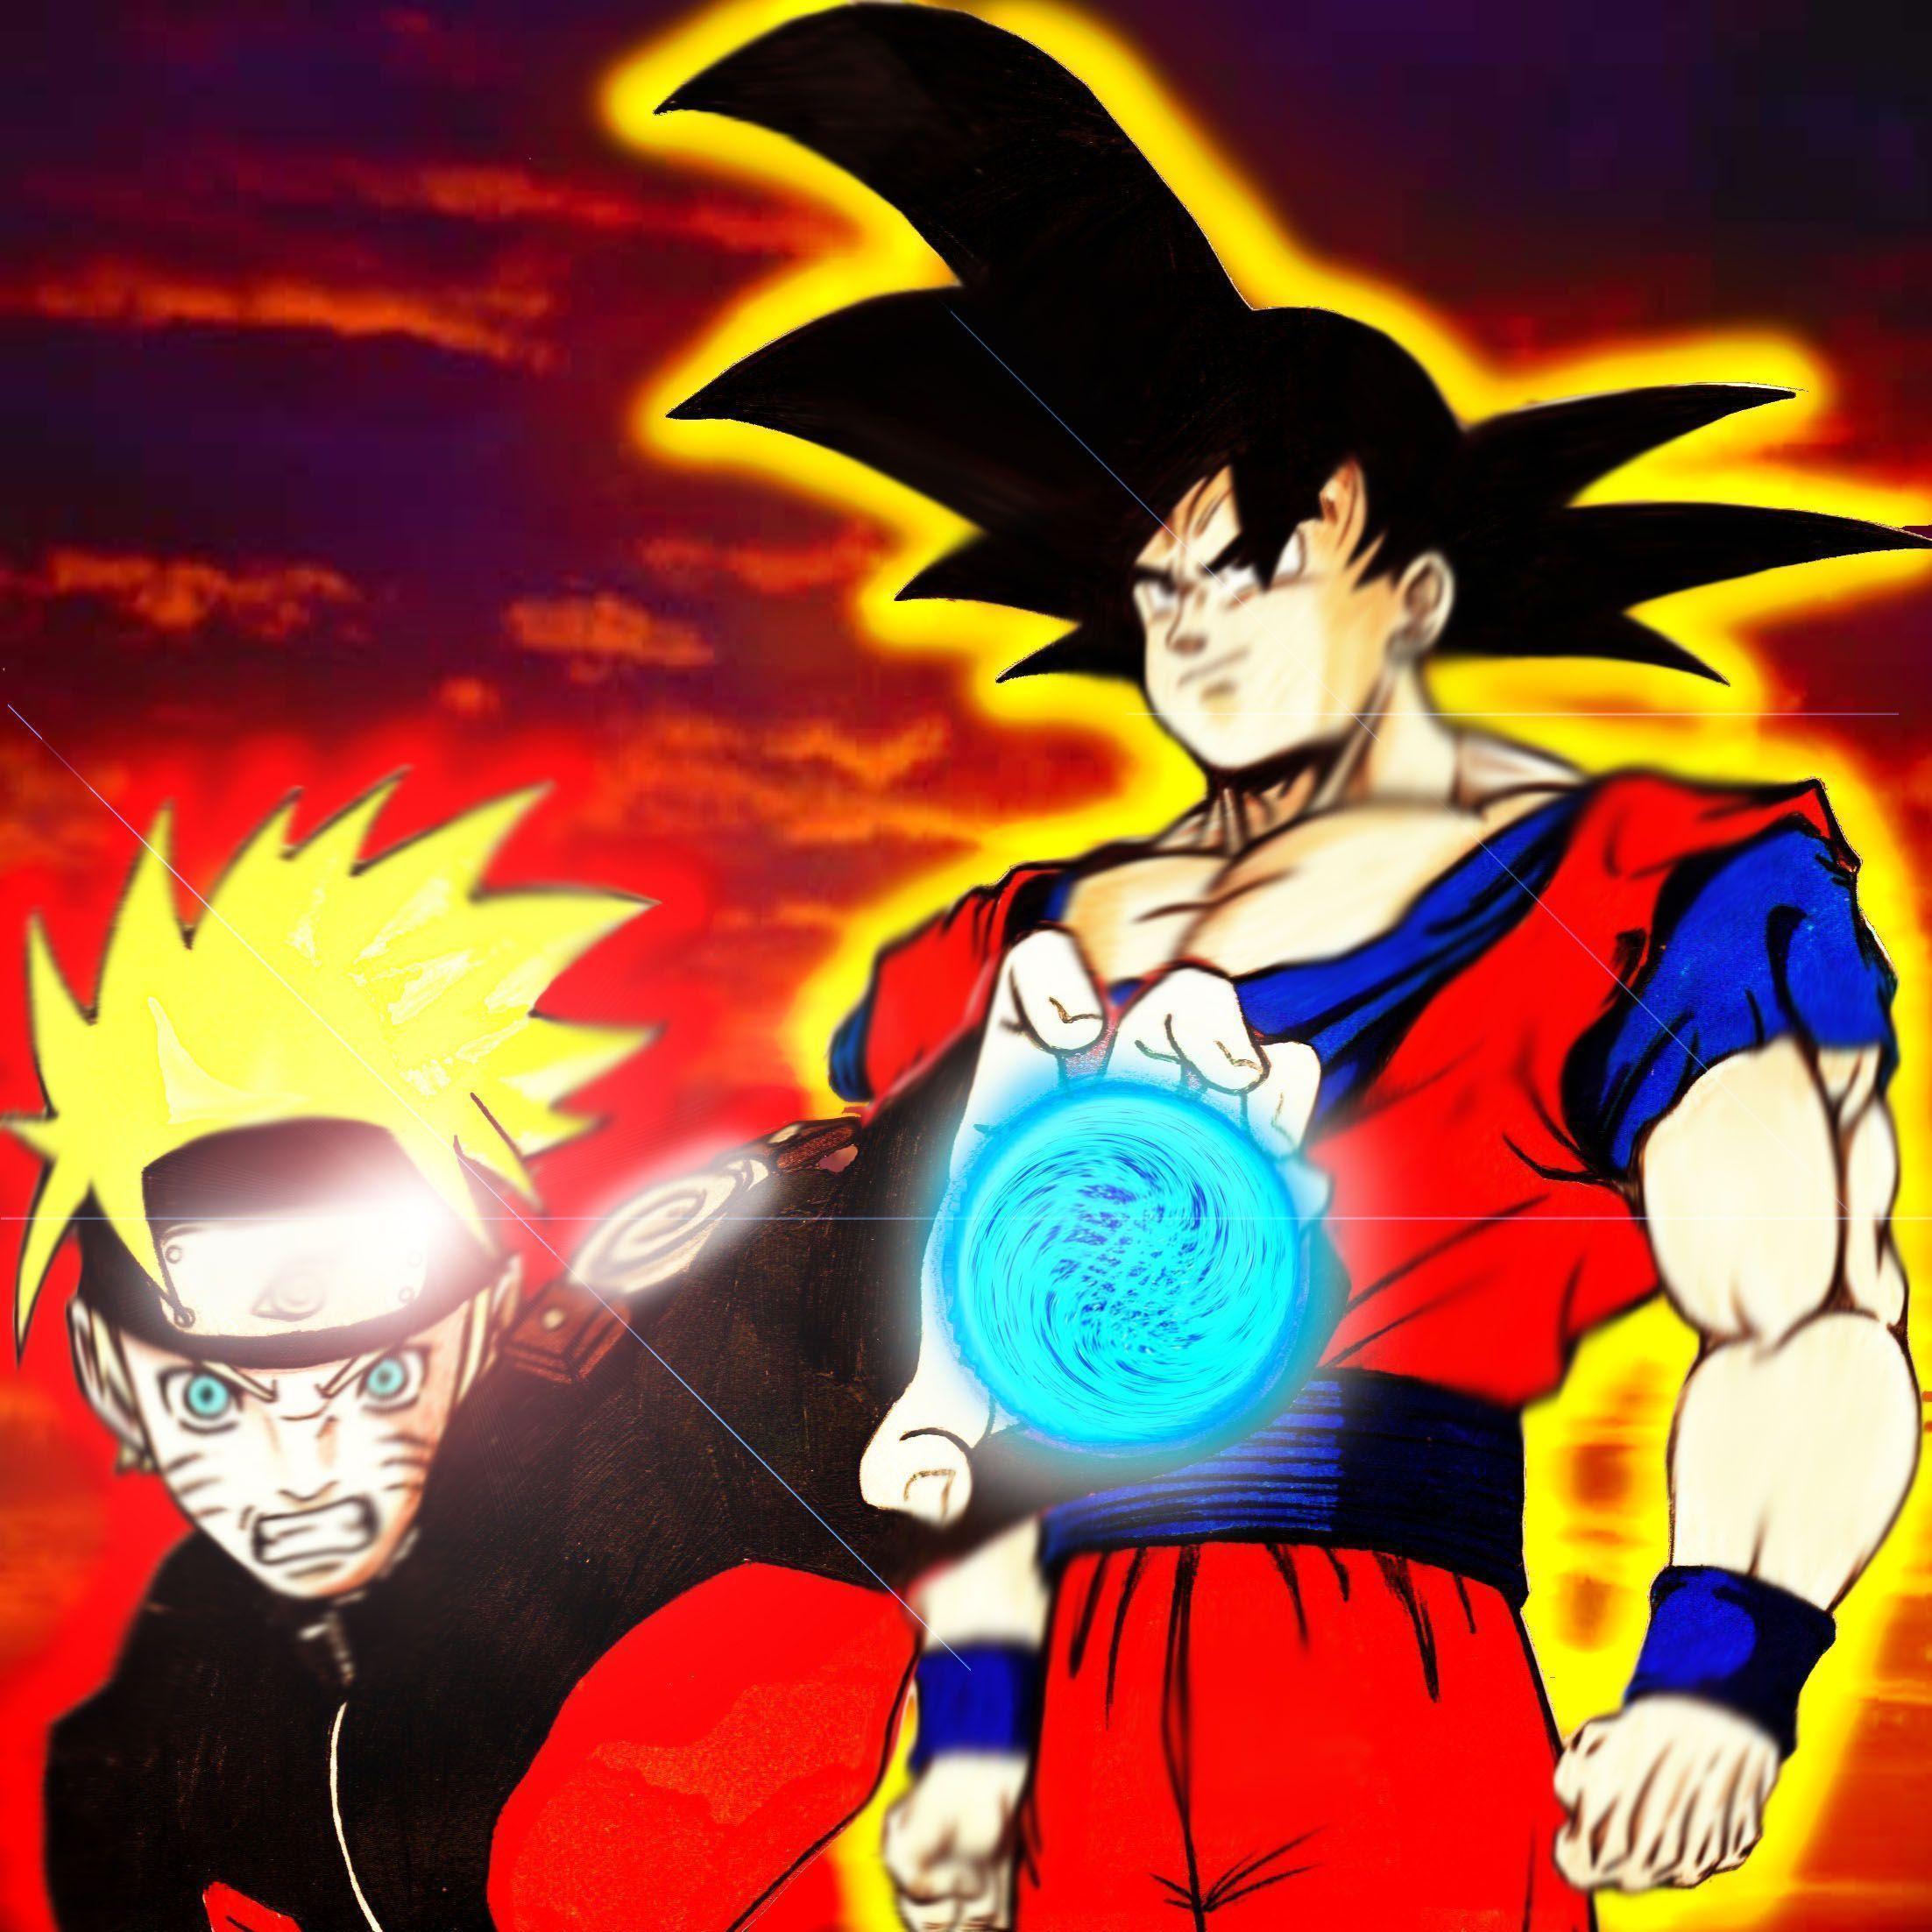 Goku And Naruto Wallpapers 2205x2205